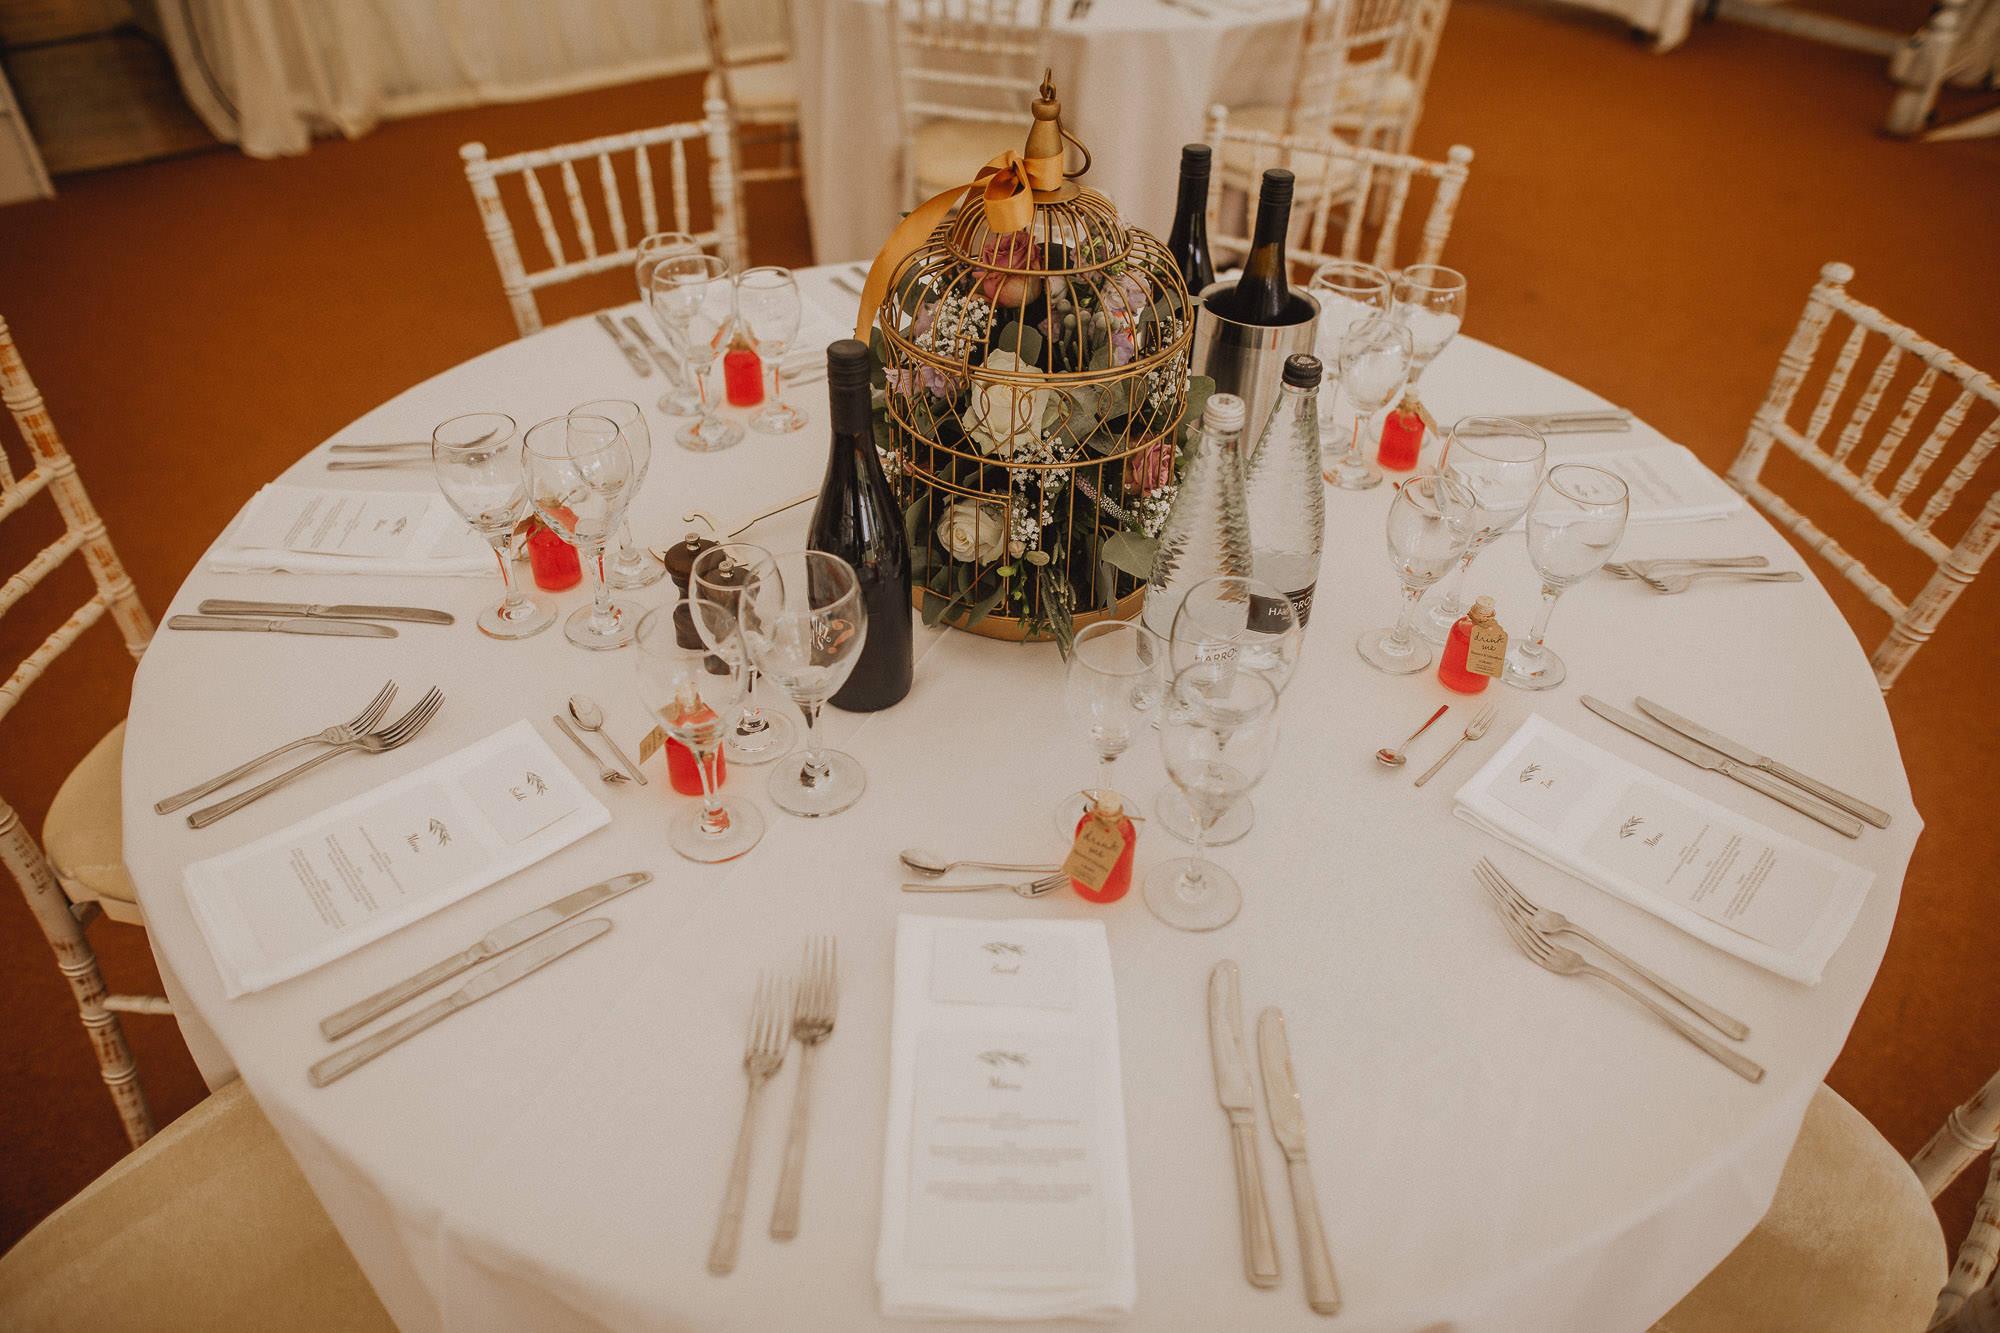 Groombridge-place-wedding-photography-56.jpg